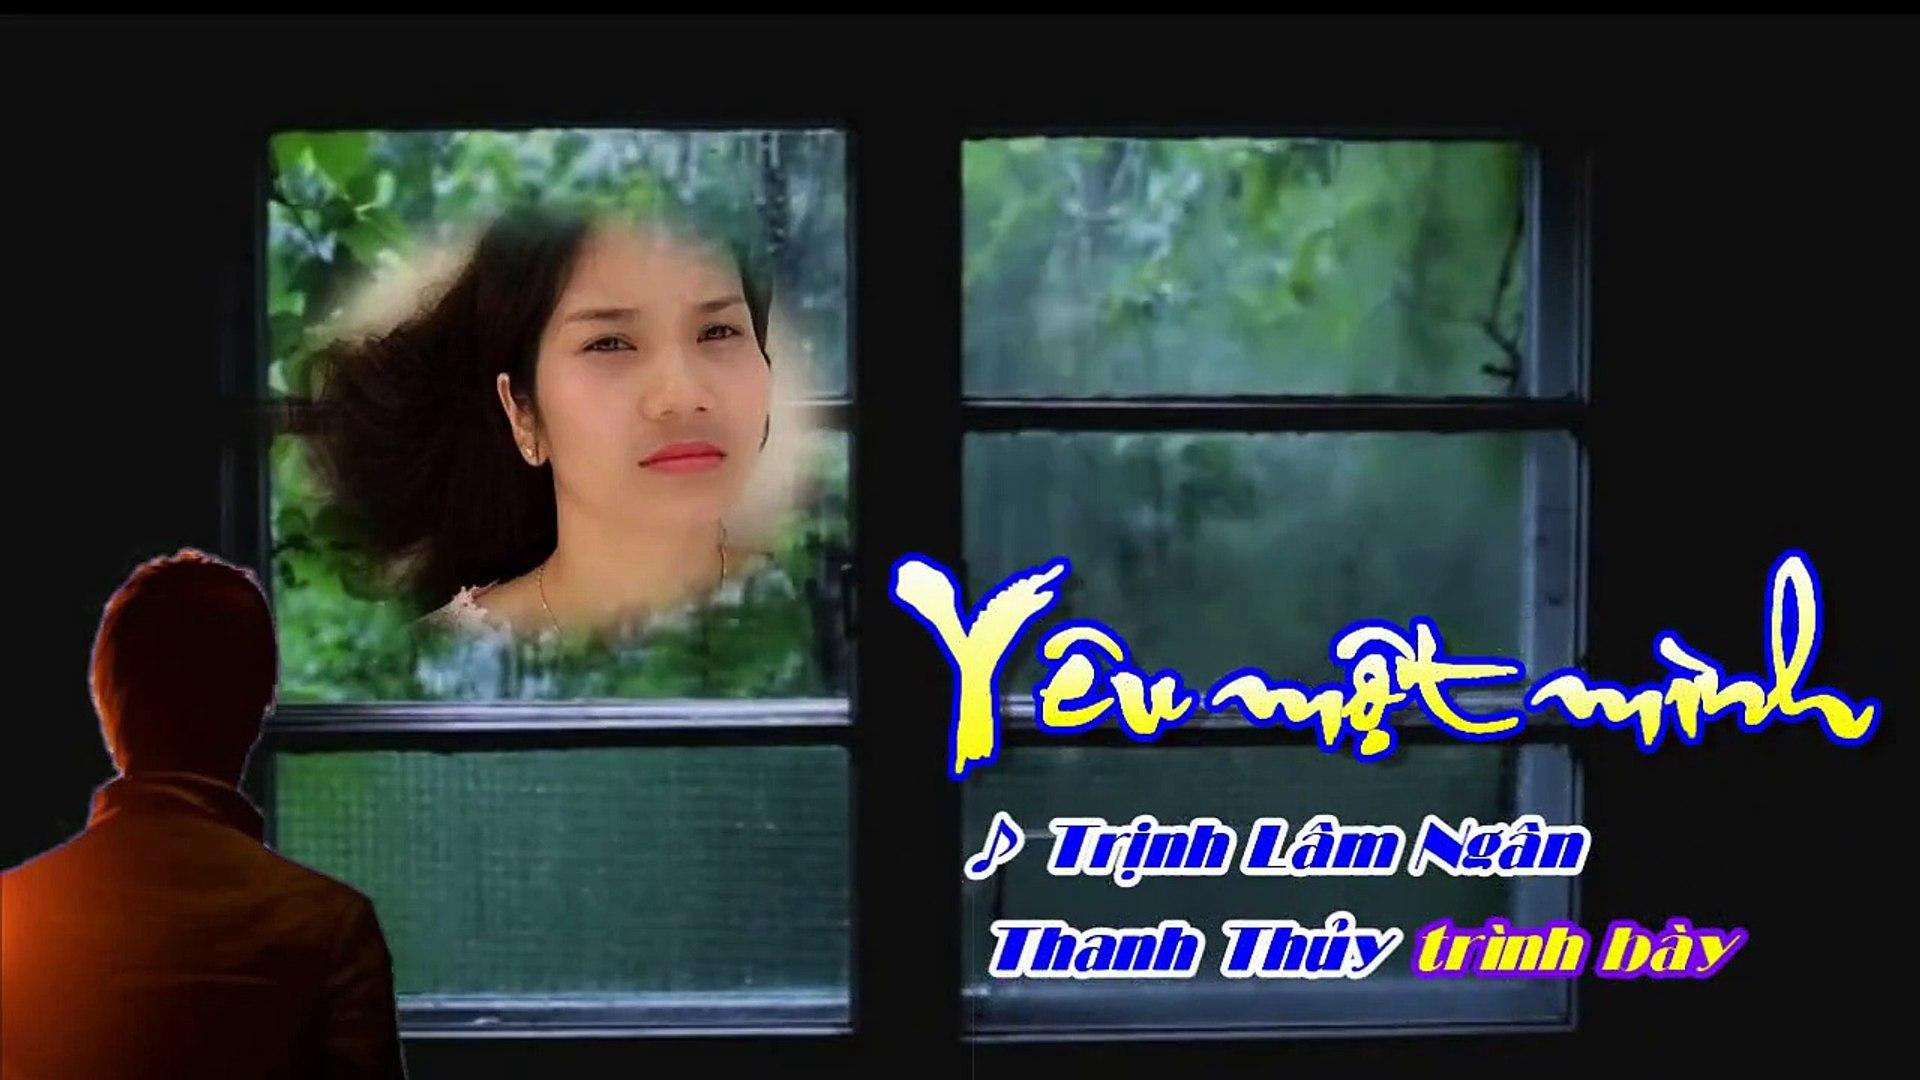 YÊU MỘT MÌNH - Sáng tác: Trịnh Lâm Ngân (Cover: Đào Thanh Thủy)